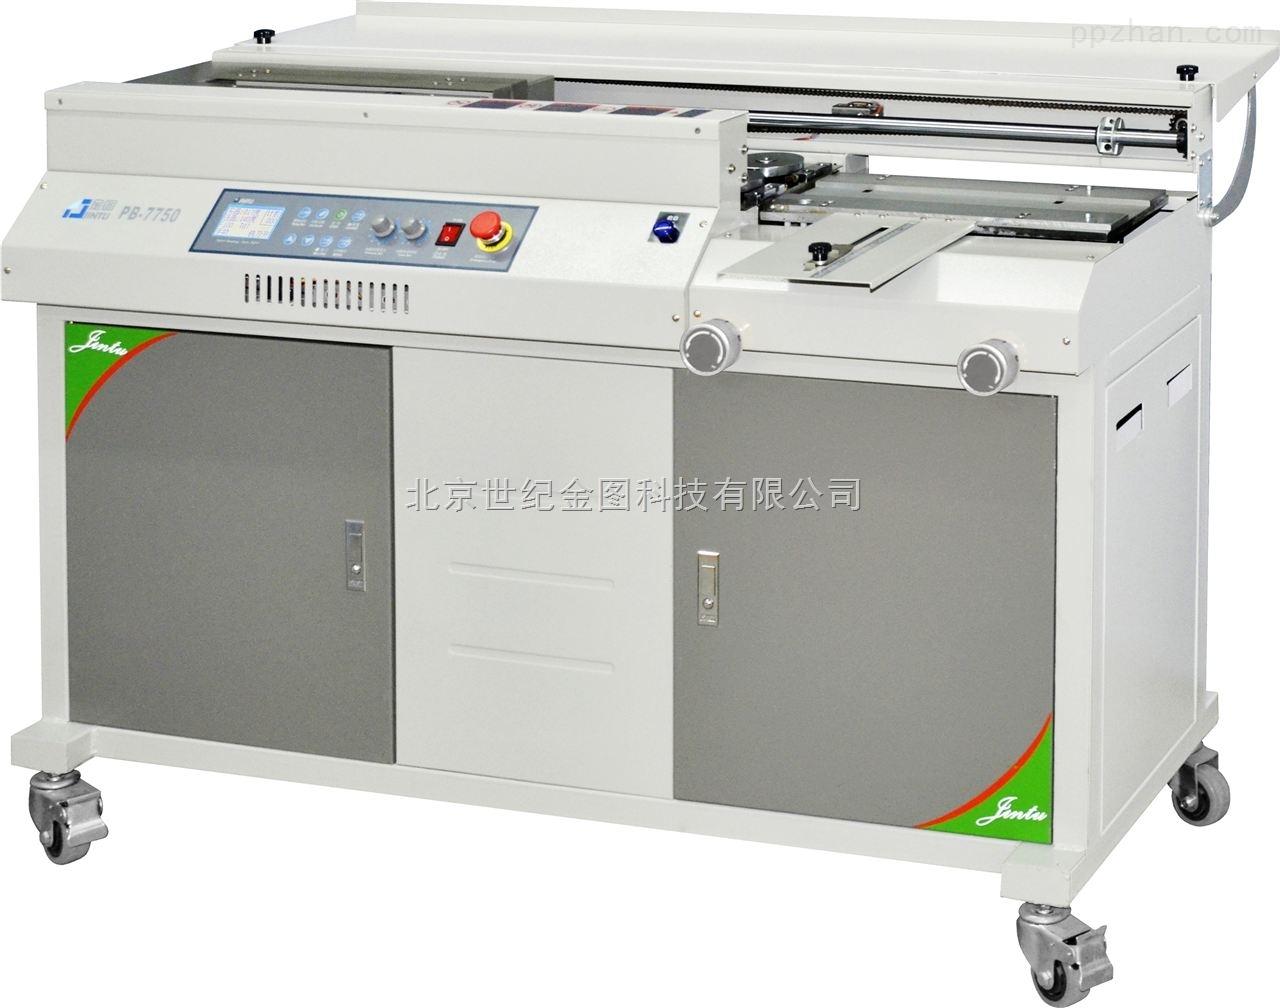 北京金图PB—7750全自动胶装机 侧胶胶装机 新款